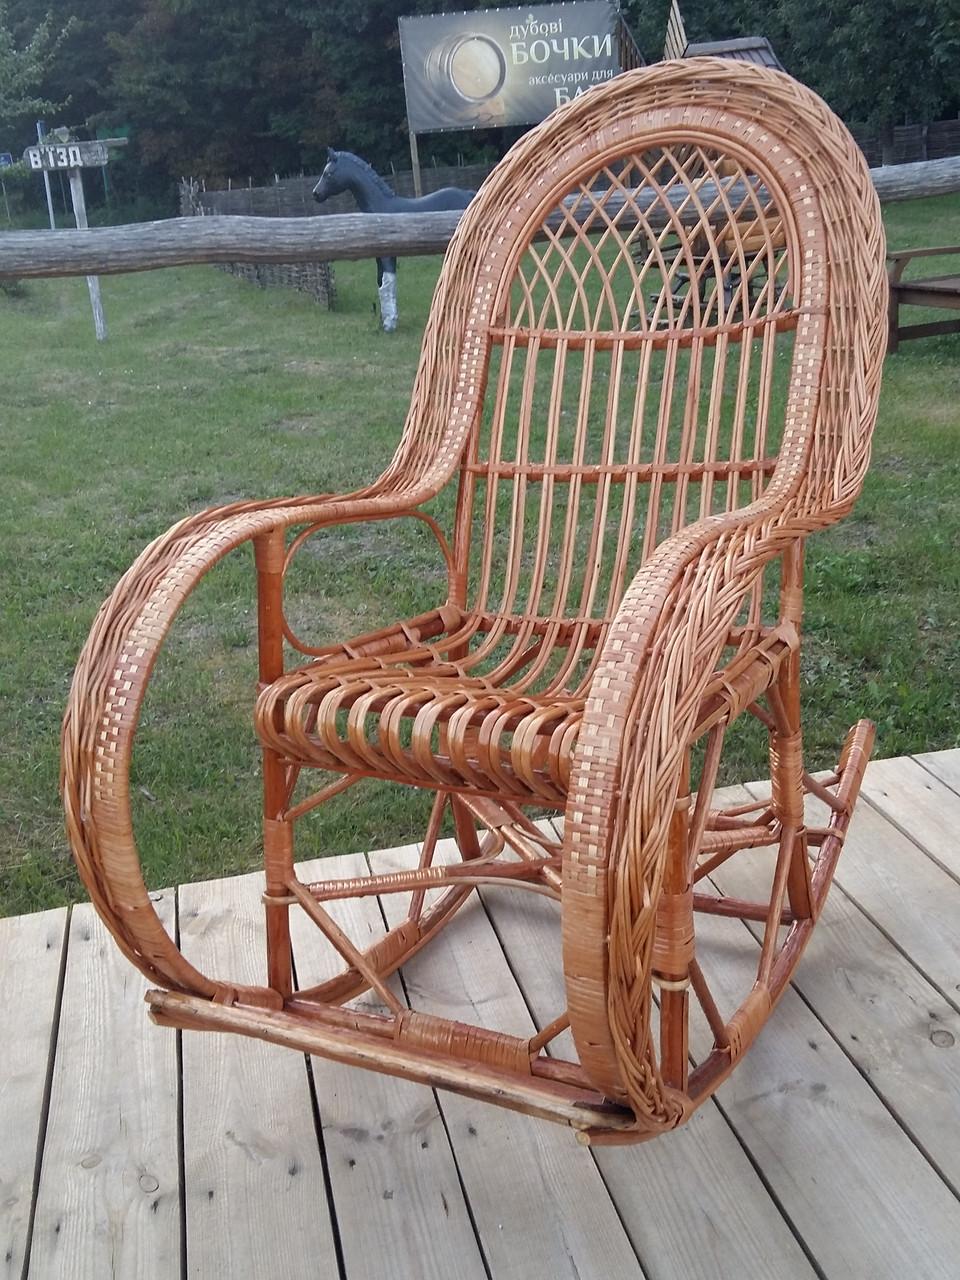 """Кресло-качалка """"Королевское"""" с подставкой для ног - Интернет-магазин товаров для дома и сада в Житомире"""